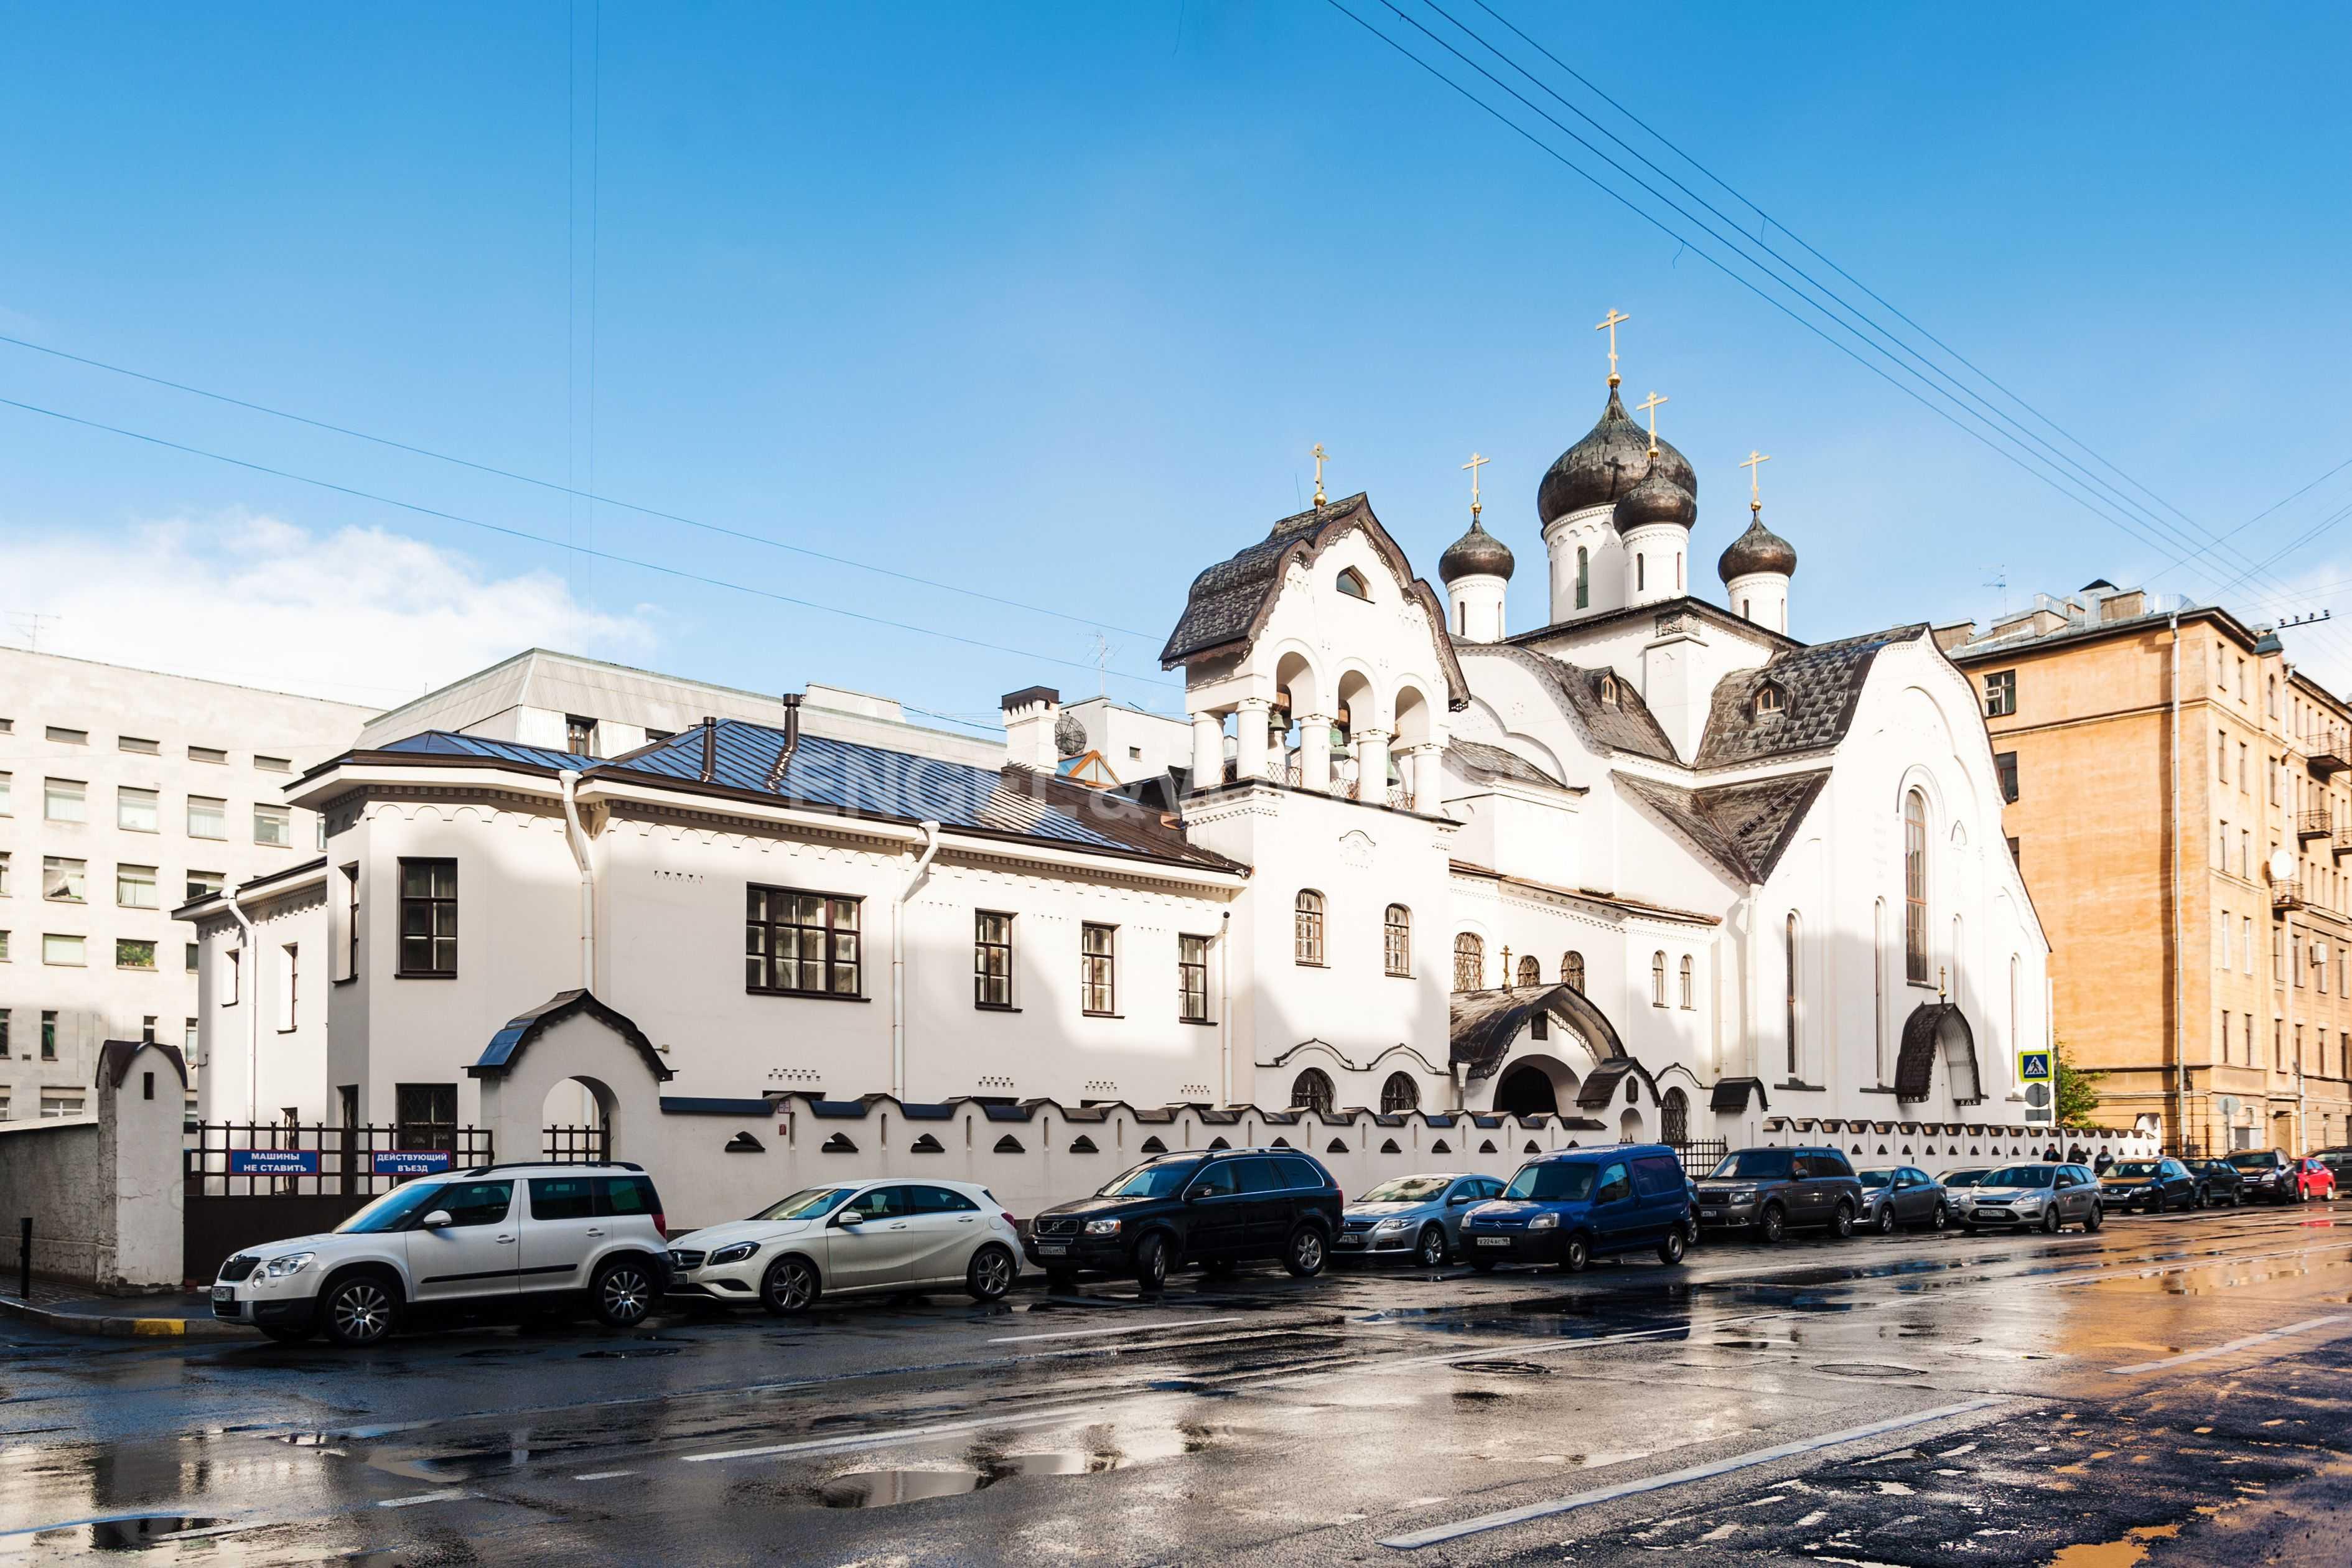 Тверская улица и церковь Знамения Пресвятой Богородицы